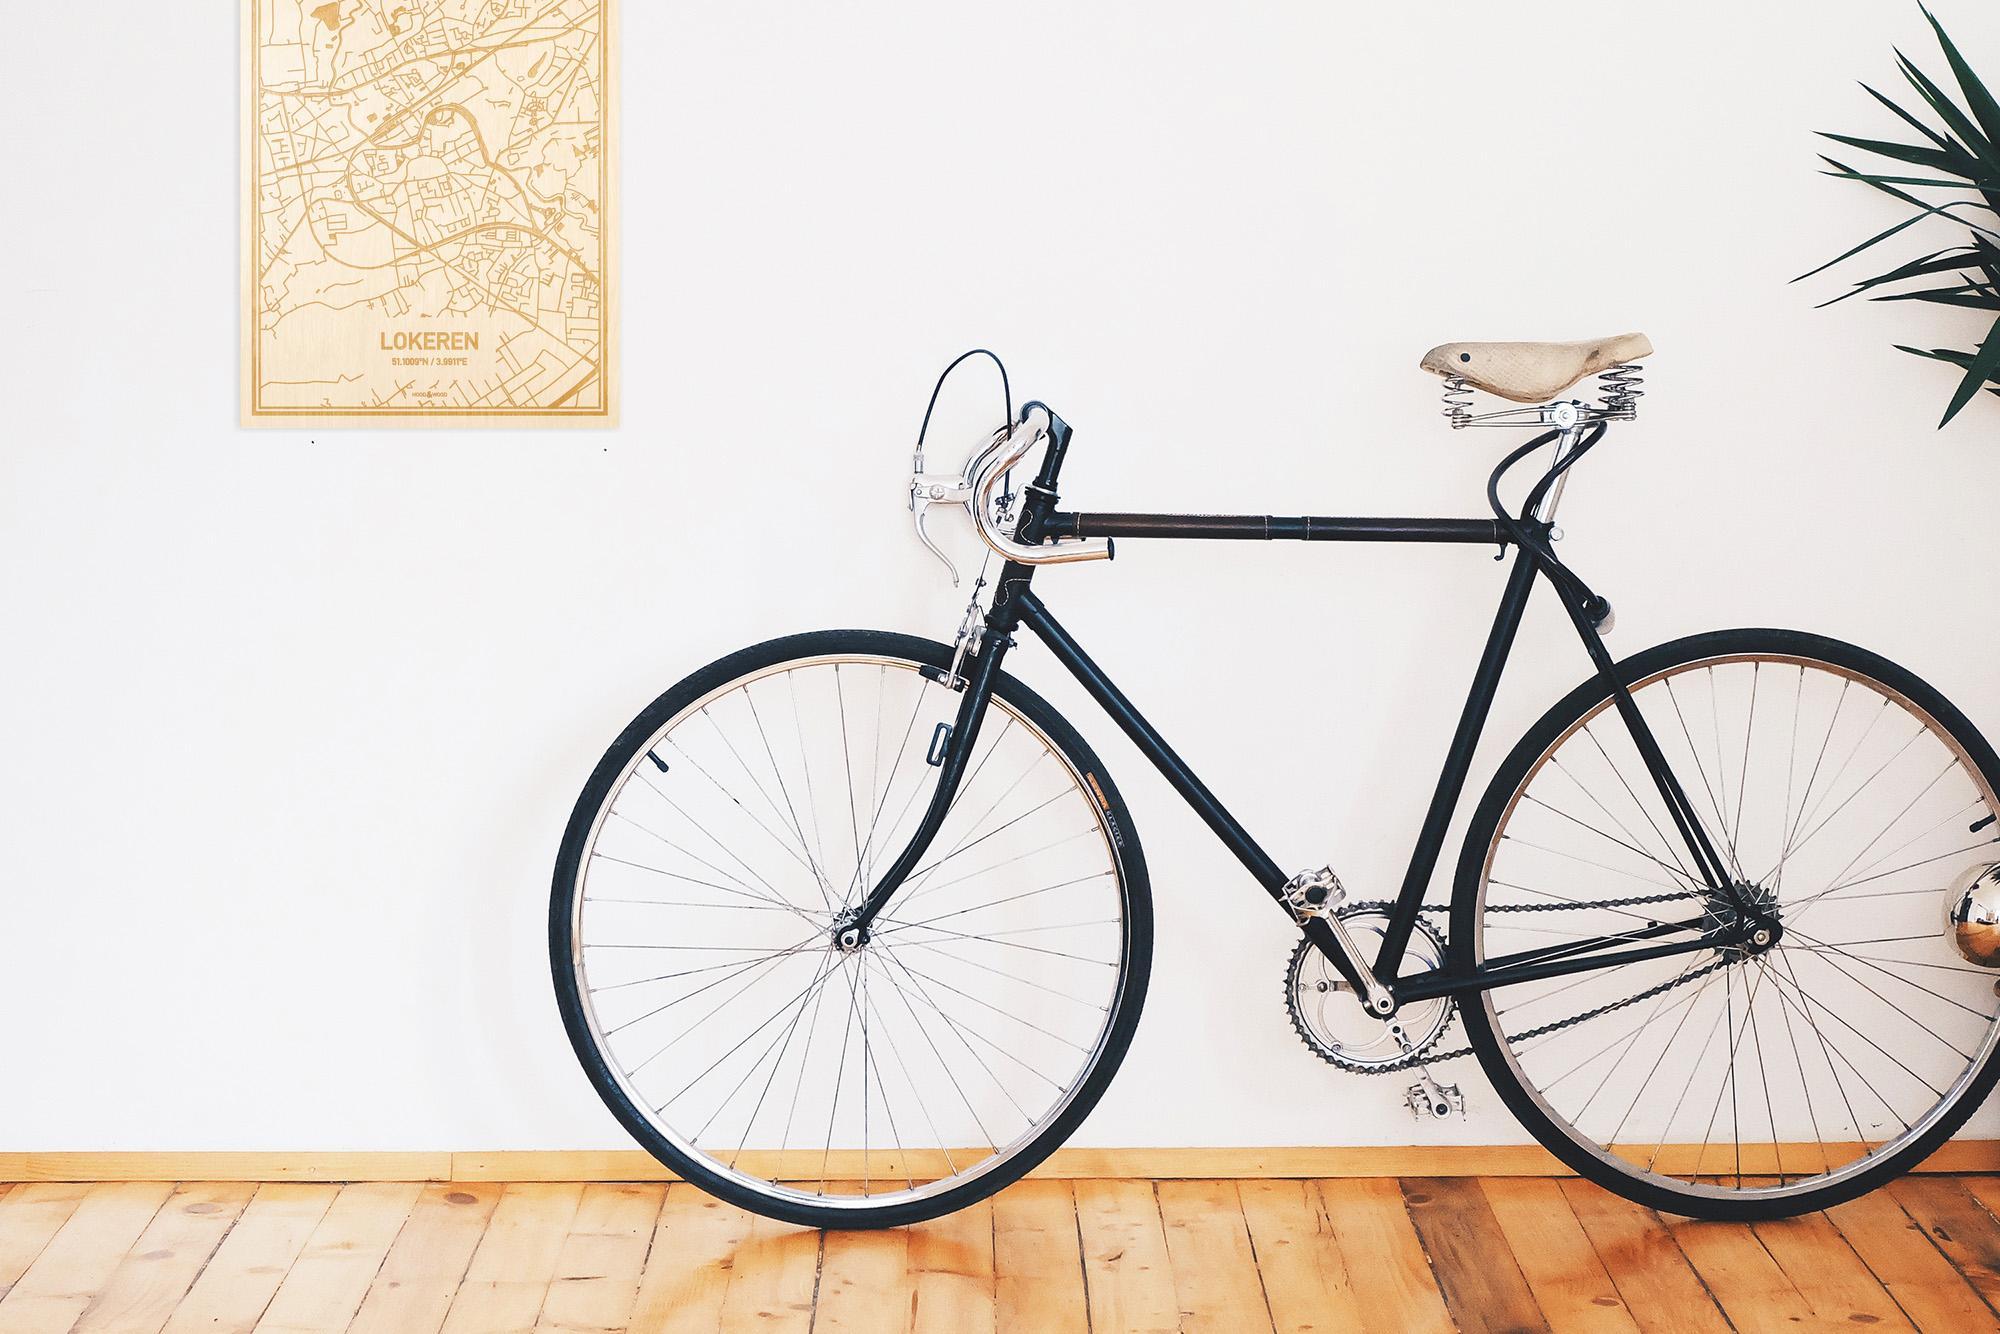 Een snelle fiets in een uniek interieur in Oost-Vlaanderen  met mooie decoratie zoals de plattegrond Lokeren.